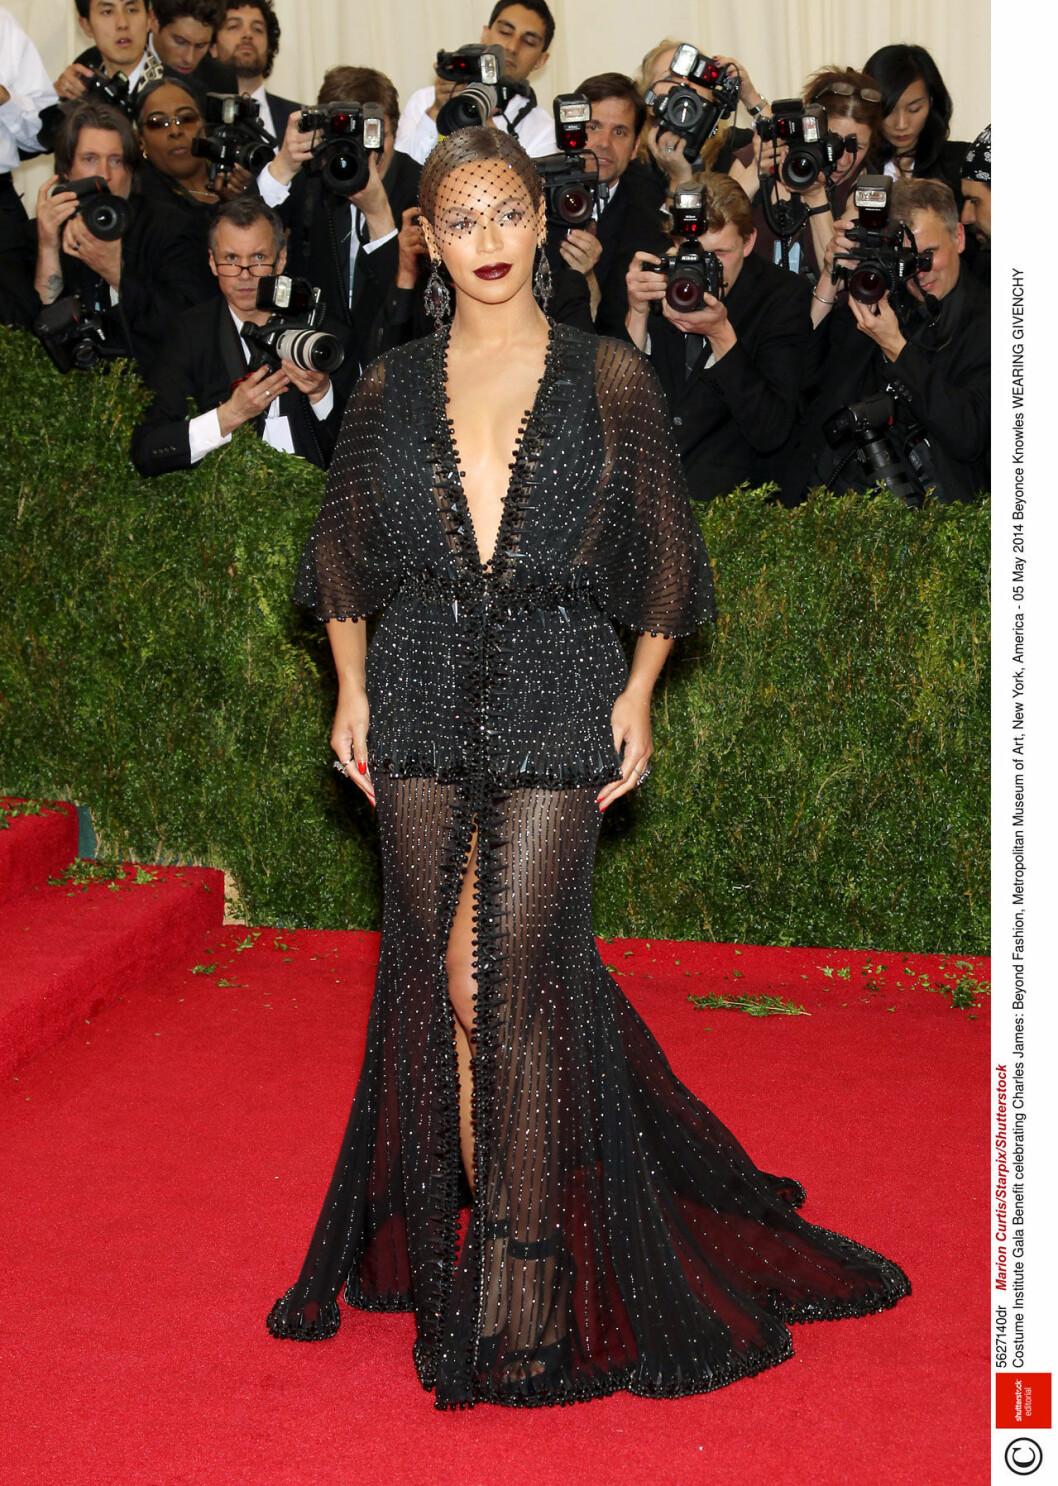 Beyonce i svart klänning med urringning